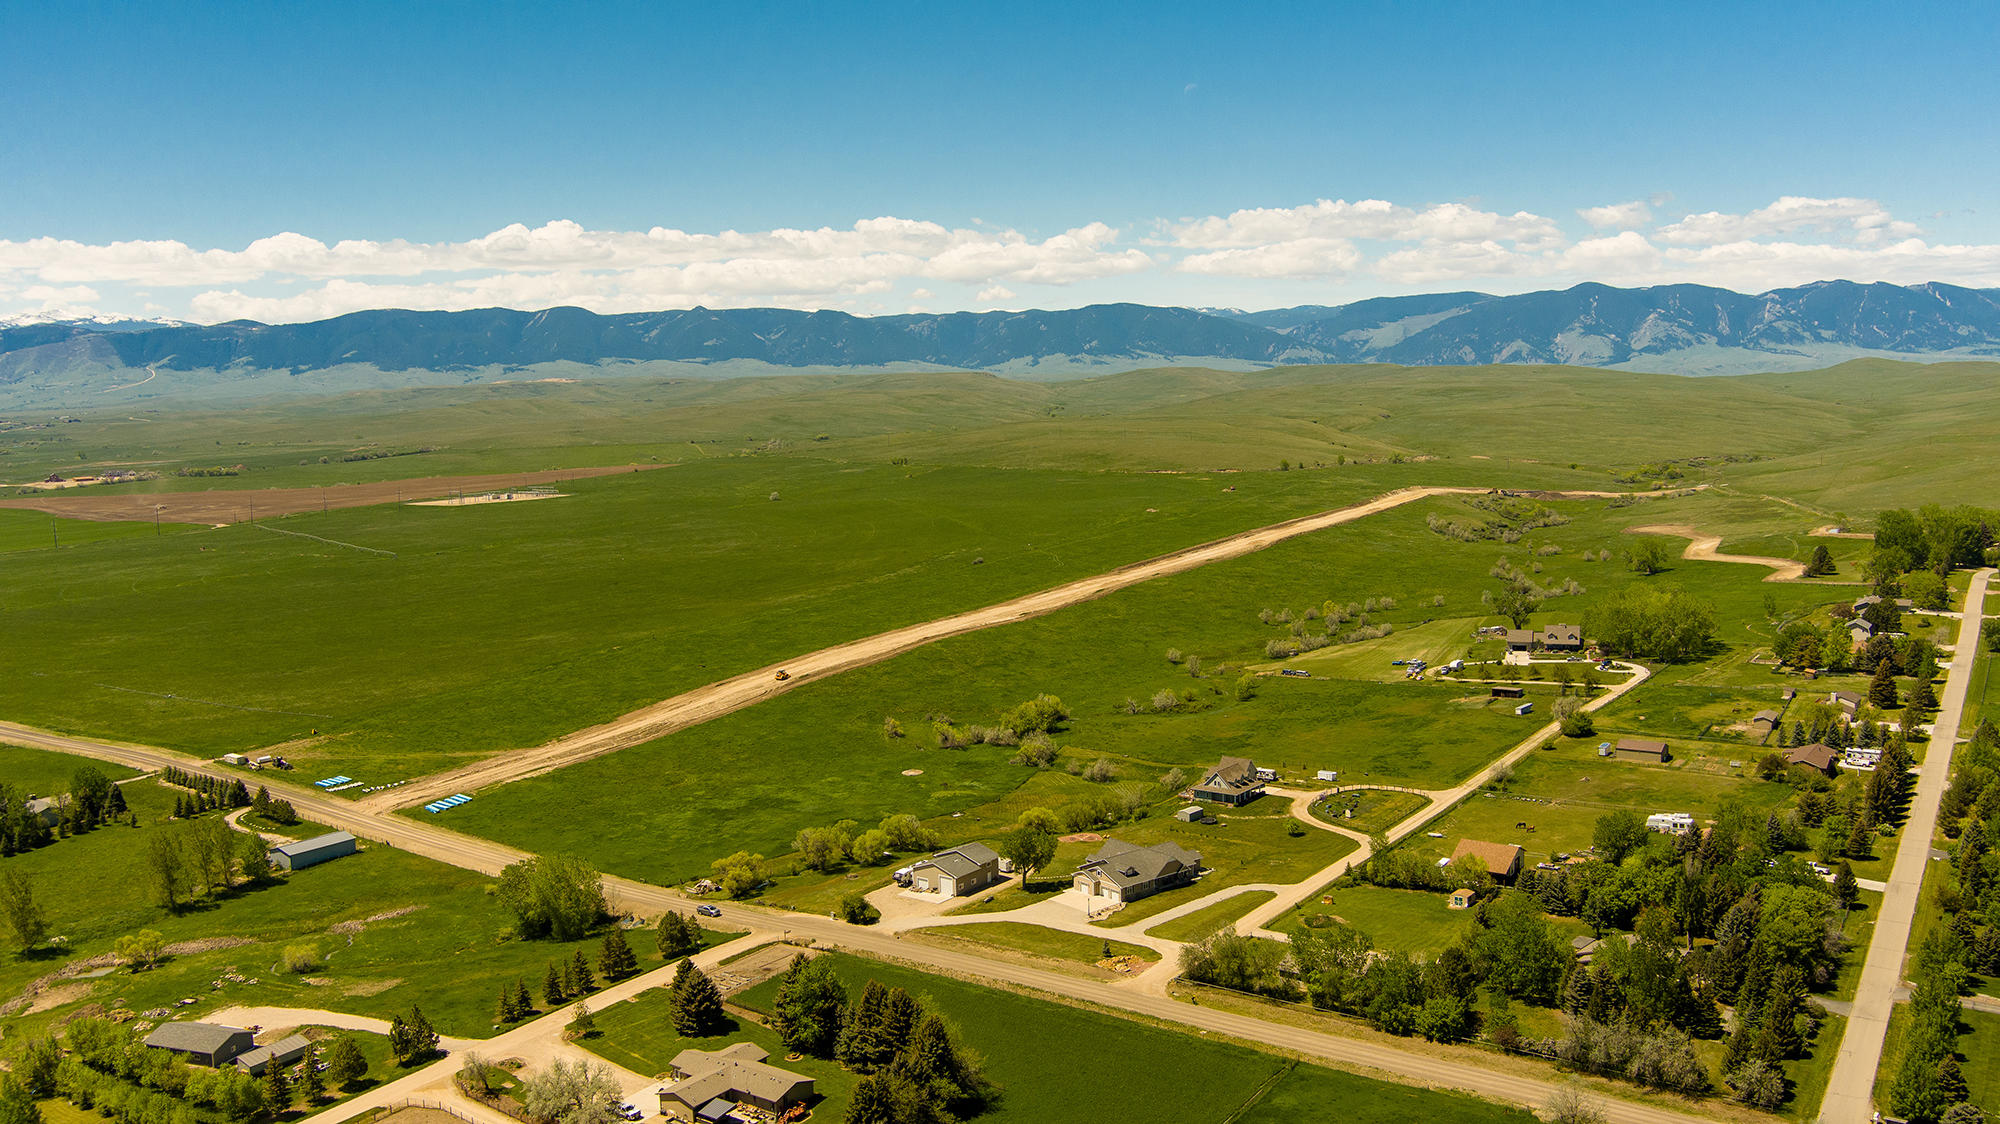 TBD Convair Road, Sheridan, Wyoming 82801, ,Building Site,For Sale,Convair,21-910